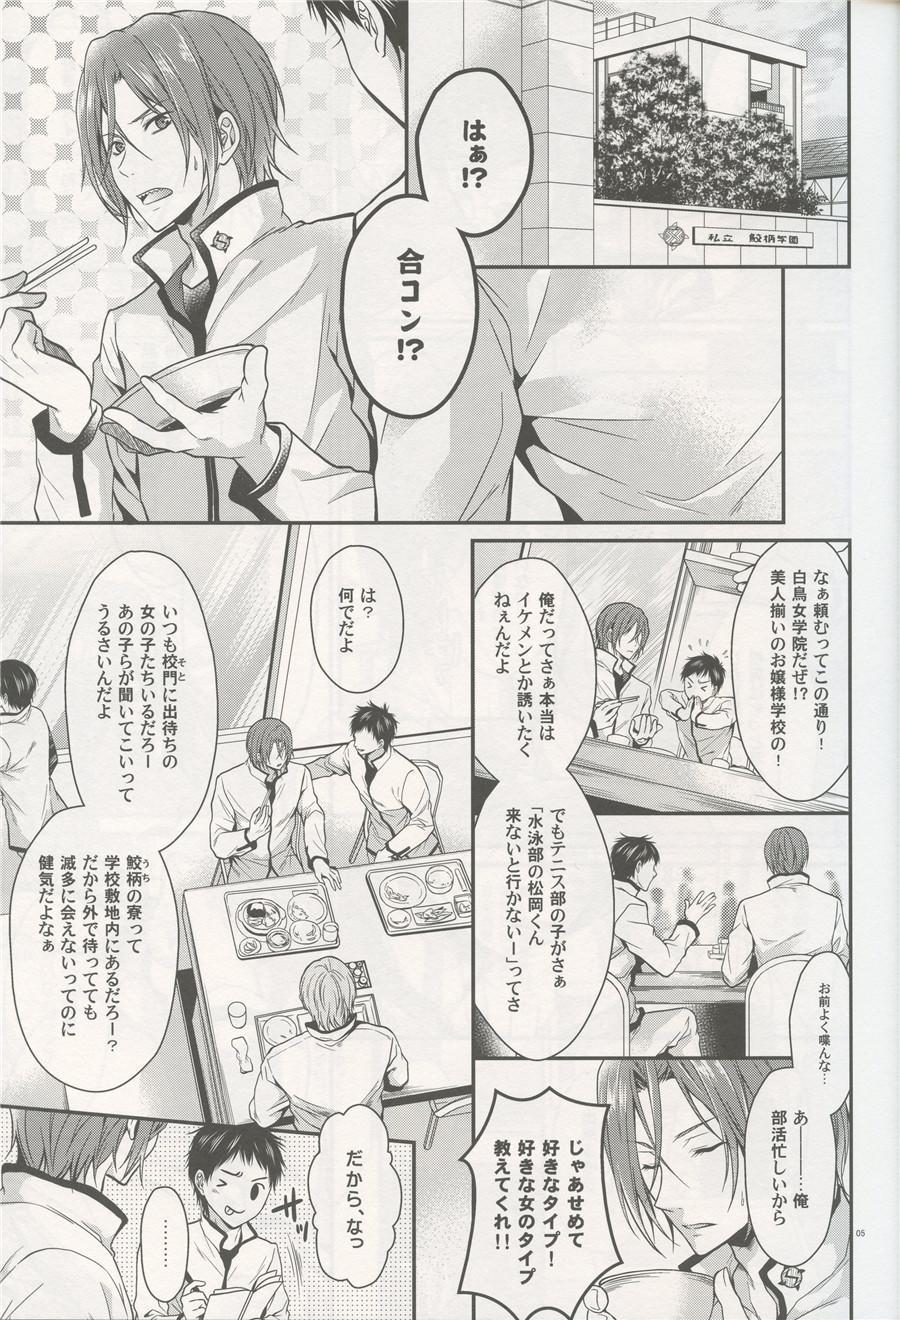 Aitsu no Yome Skill ga Takasugirundaga. 3